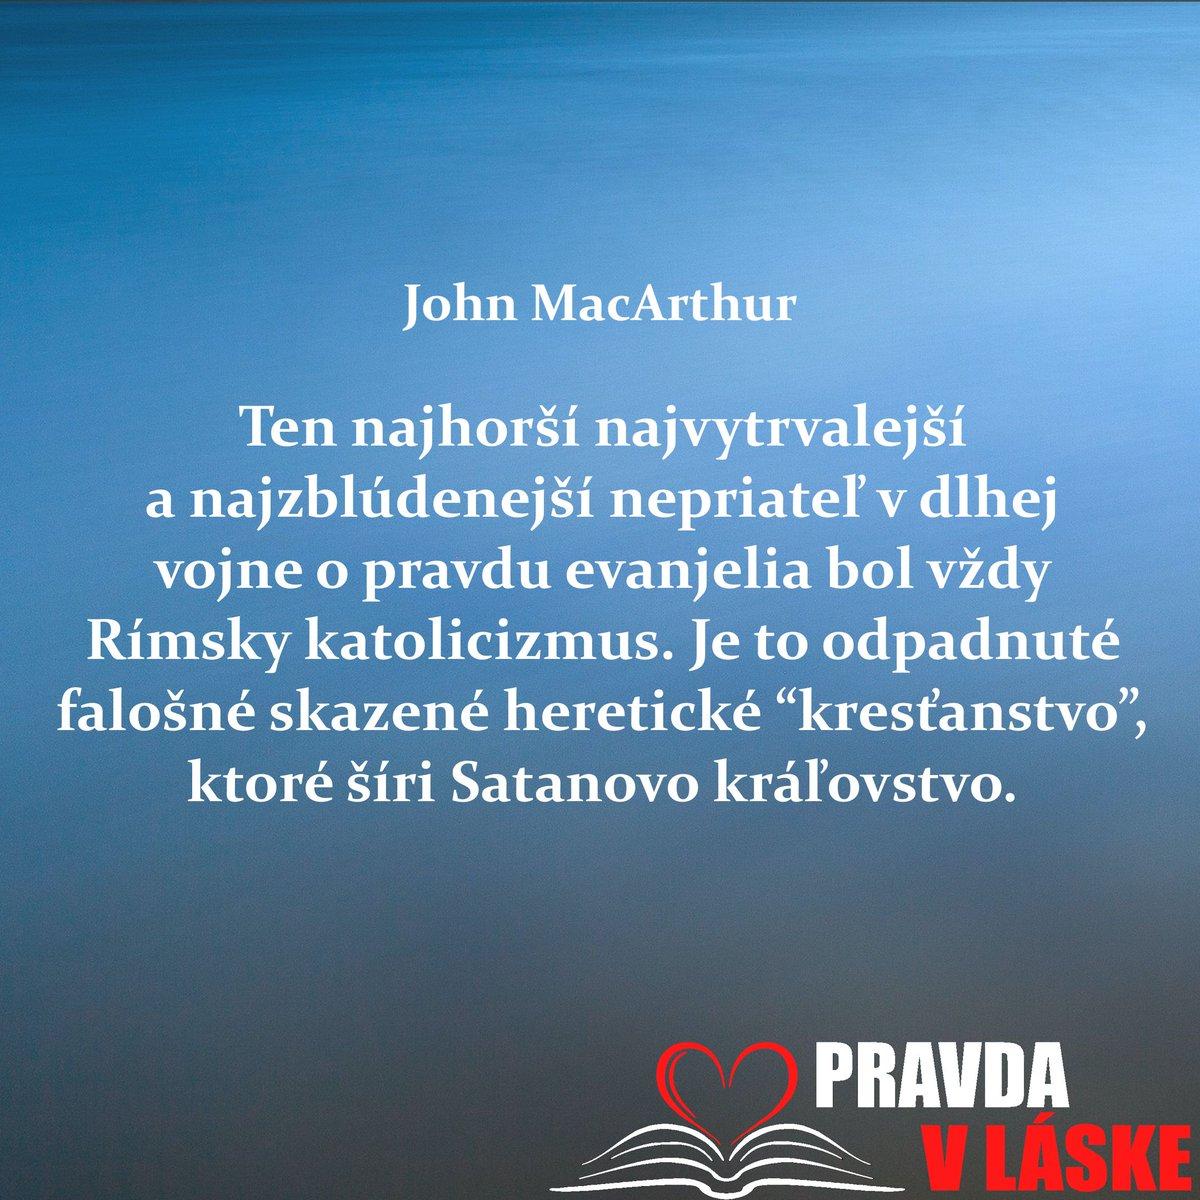 """Ten najhorší najvytrvalejší a najzblúdenejší nepriateľ v dlhej vojne o pravdu evanjelia bol vždy rímsky katolicizmus. Je to odpadnuté falošné skazené heretické """"kresťanstvo"""", ktoré šíri Satanovo kráľovstvo. John MacArthur pic.twitter.com/lbiRdGYWFq"""